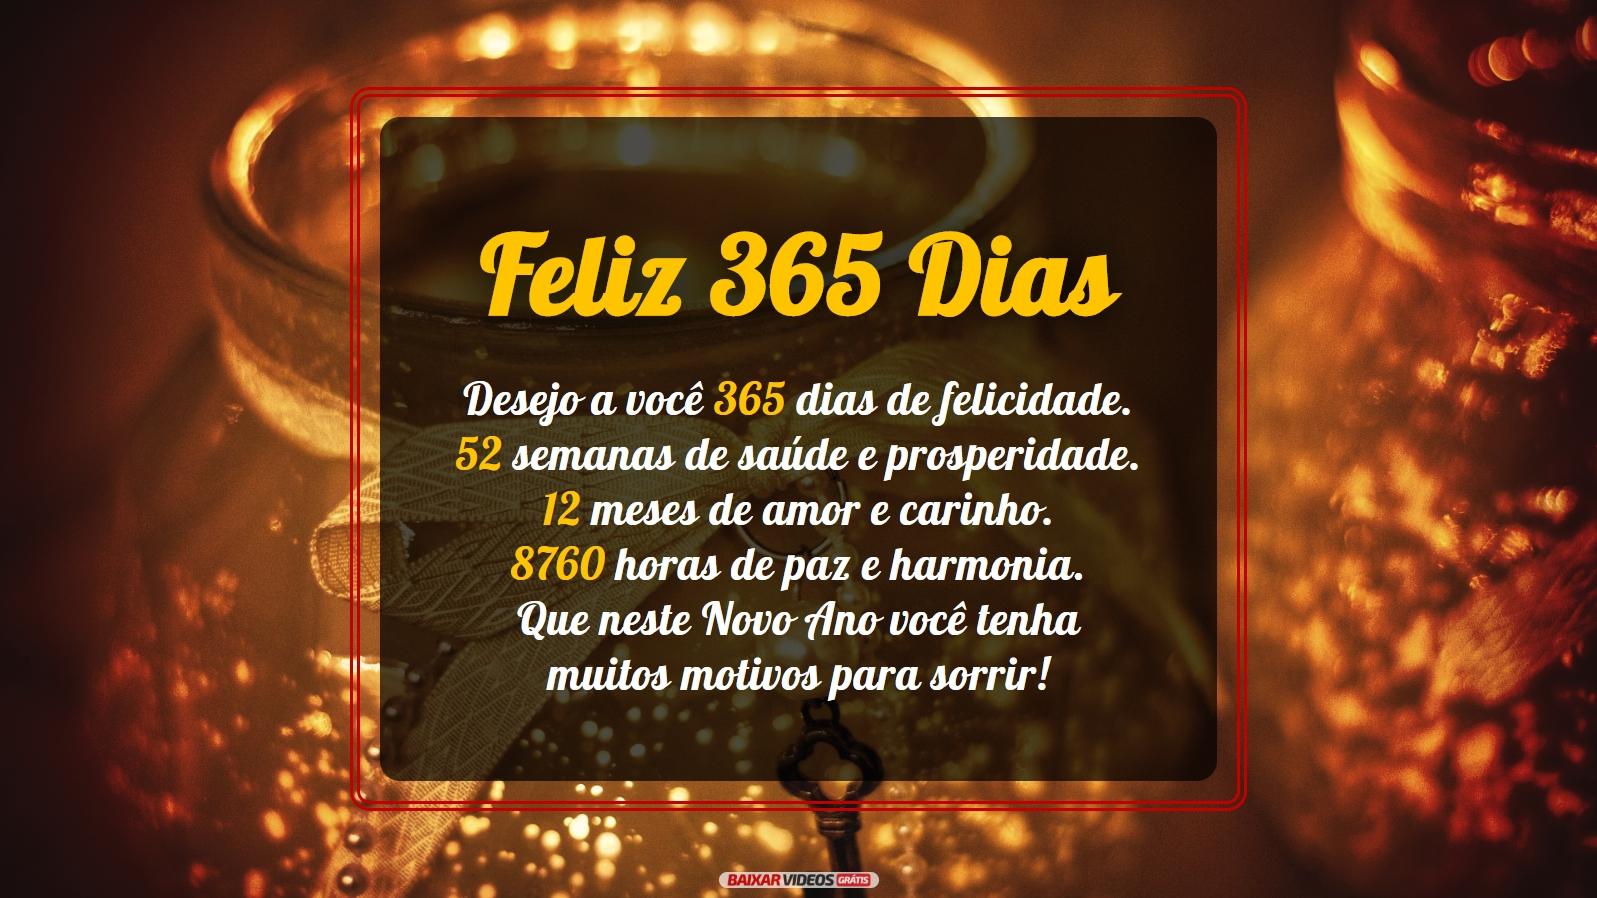 Motivos para um bom Ano Novo Desejo a você 365 dias de felicidade. 52 semanas de saúde e prosperidade. 12 meses de amor e carinho. 8760 horas de paz e harmonia. Que neste Novo Ano você tenha muitos motivos para sorrir!